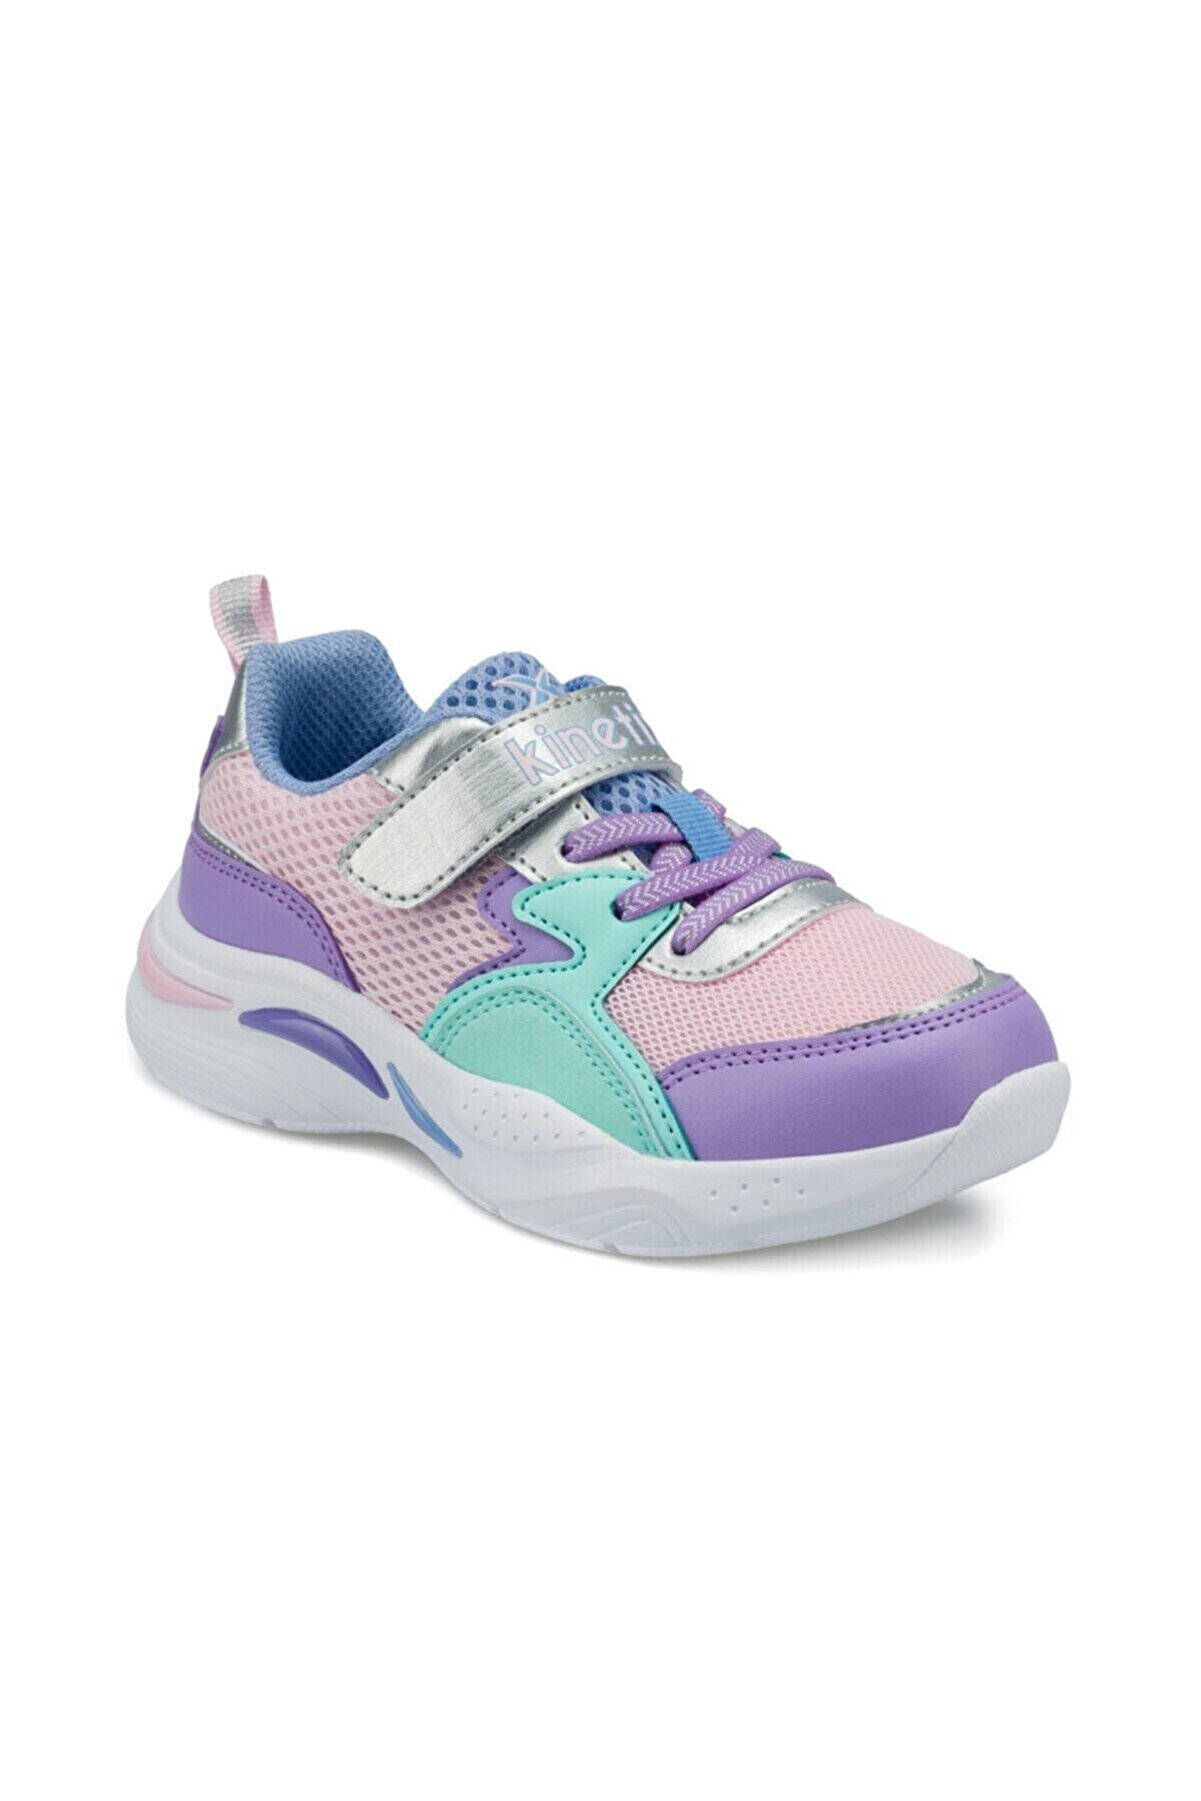 Kinetix PLAYS Pembe Kız Çocuk Yürüyüş Ayakkabısı 100493707